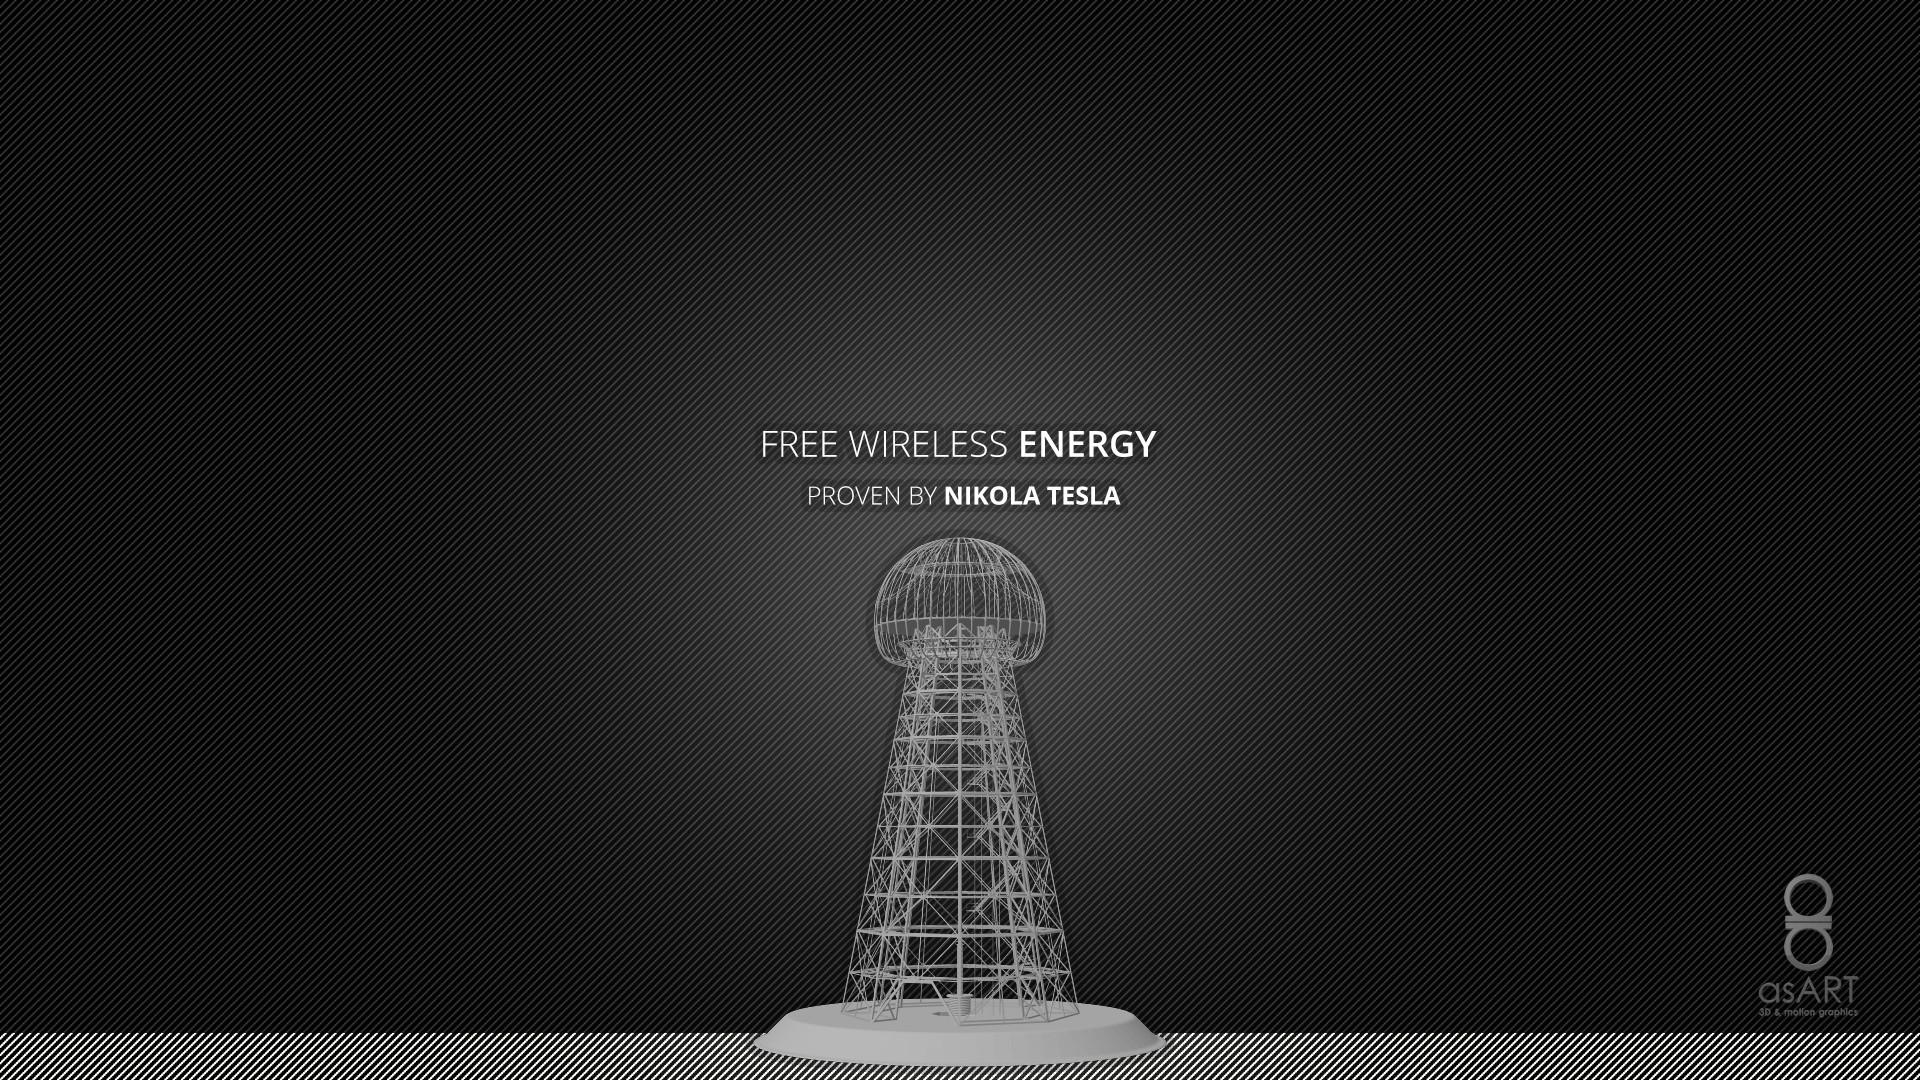 TESLA DESKTOP WALLPAPER Wardenclyff Tower | PNG 1920 x 1080 Pixels